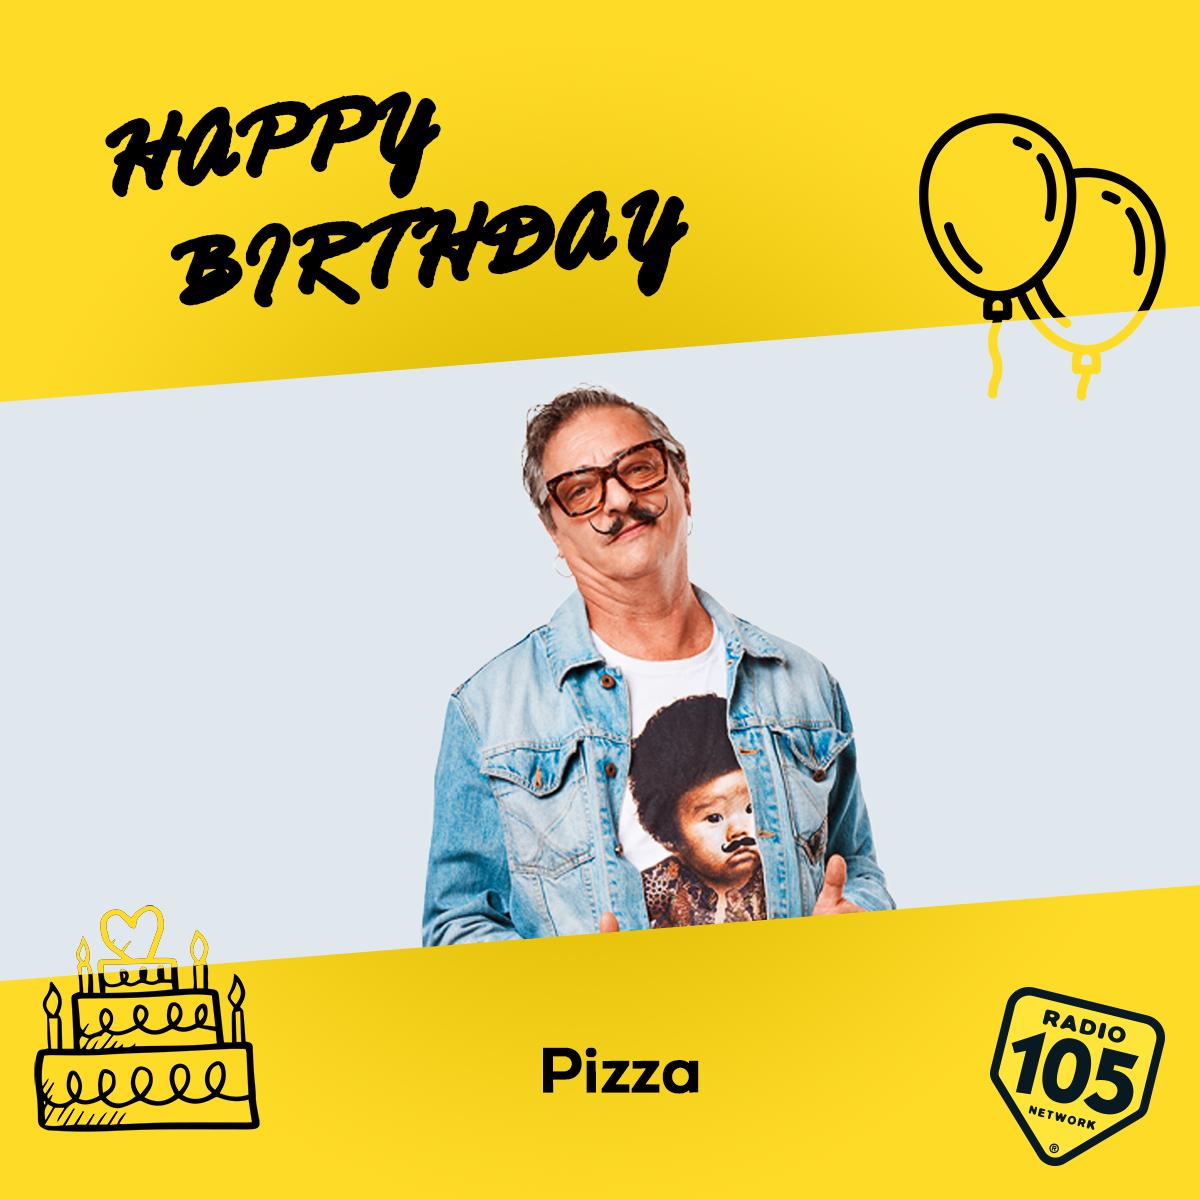 📣📣 Esauriti all'appello 📣📣 Oggi è il compleanno di Pizza 🎉💝🎉  #16gennaio #TuttoEsaurito